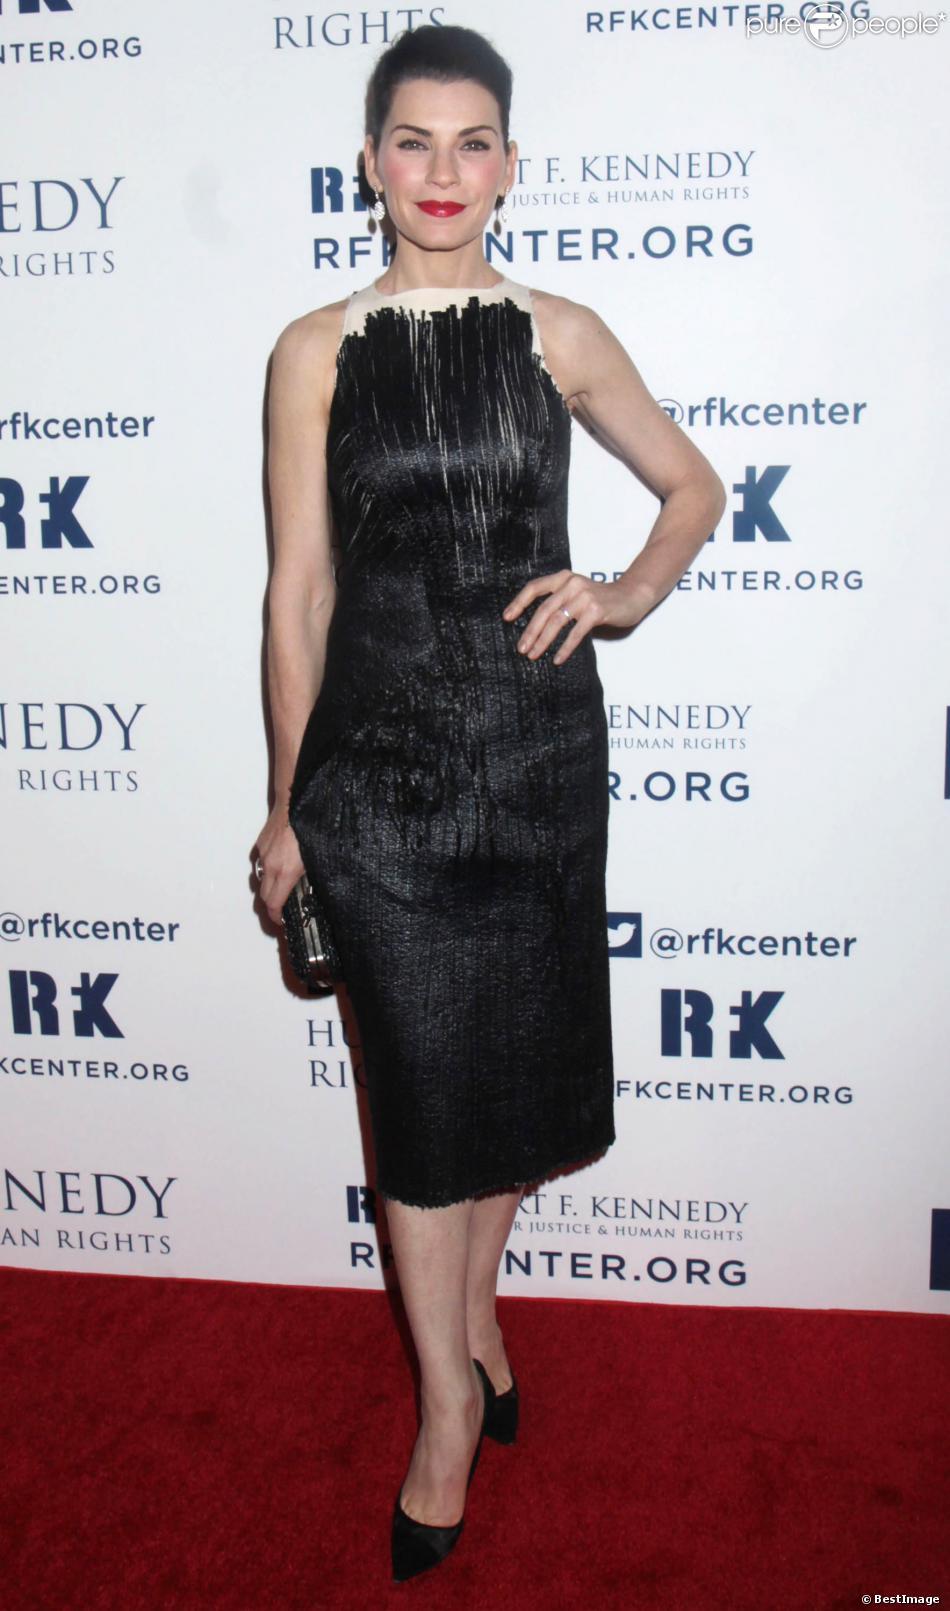 """Julianna Margulies au Diner """"Ripple of Hope Awards"""" à l'hôtel Hilton à New York, le 11 décembre 2013."""